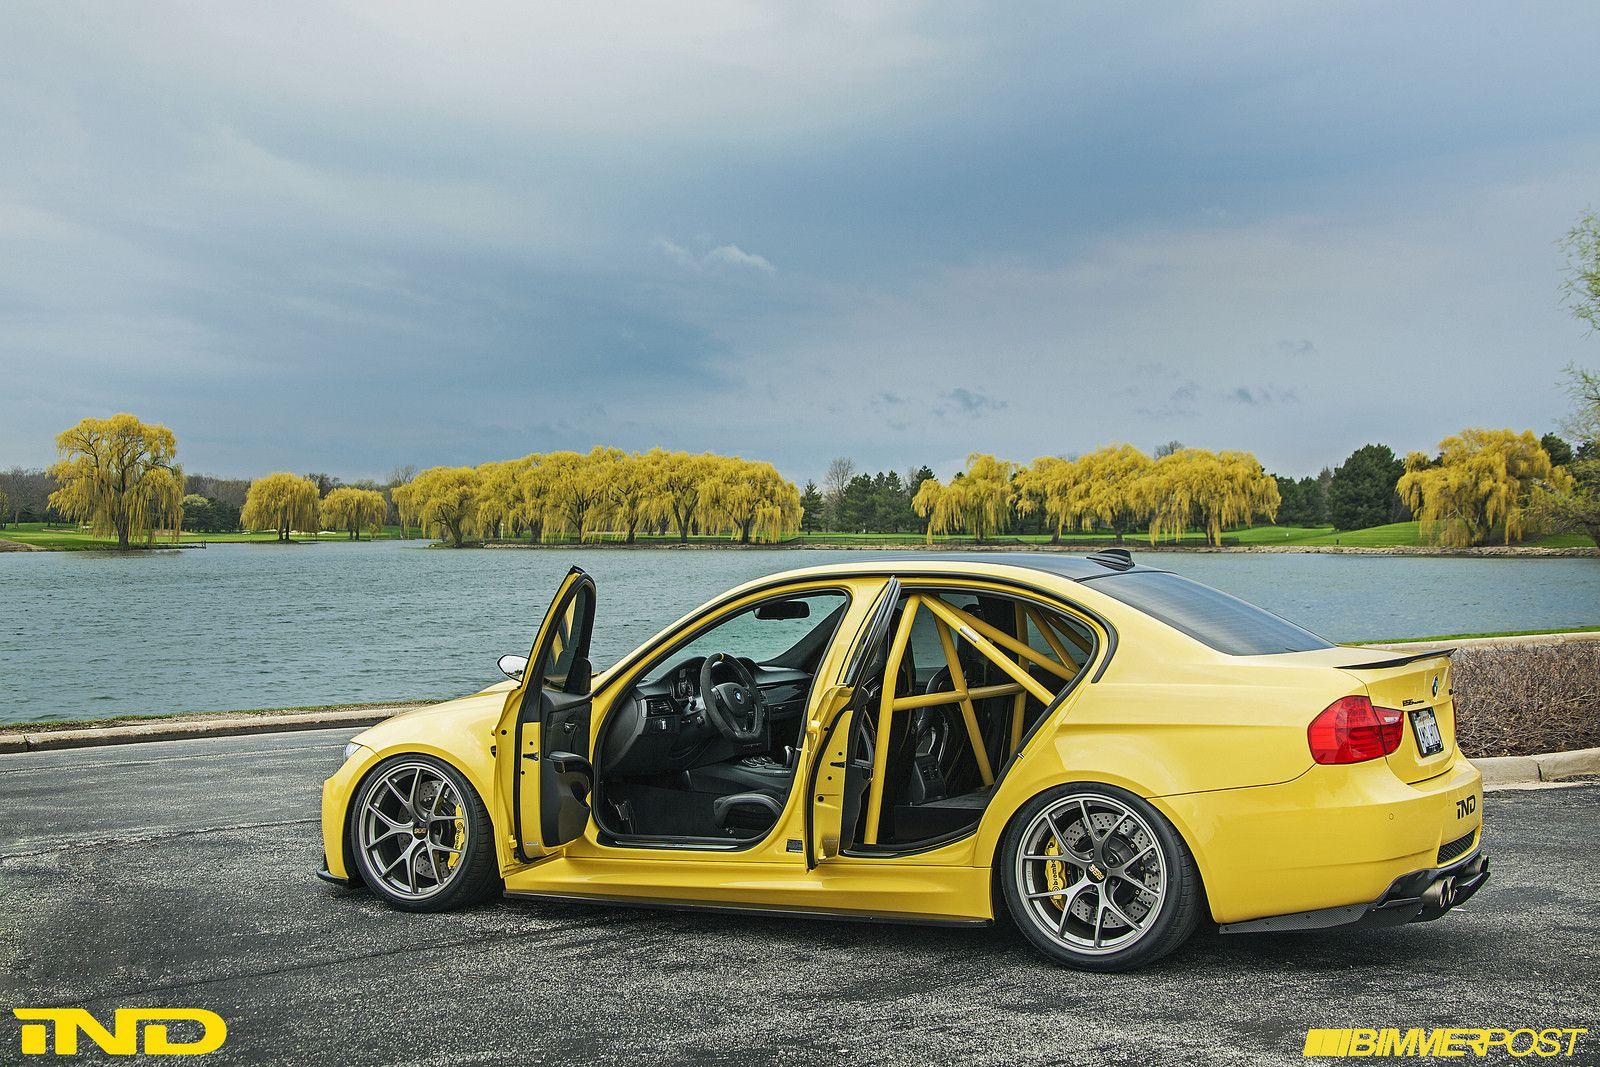 Yellow E90 Bmw M3 Modified Bmw Bmw M3 Sedan Bmw Cars